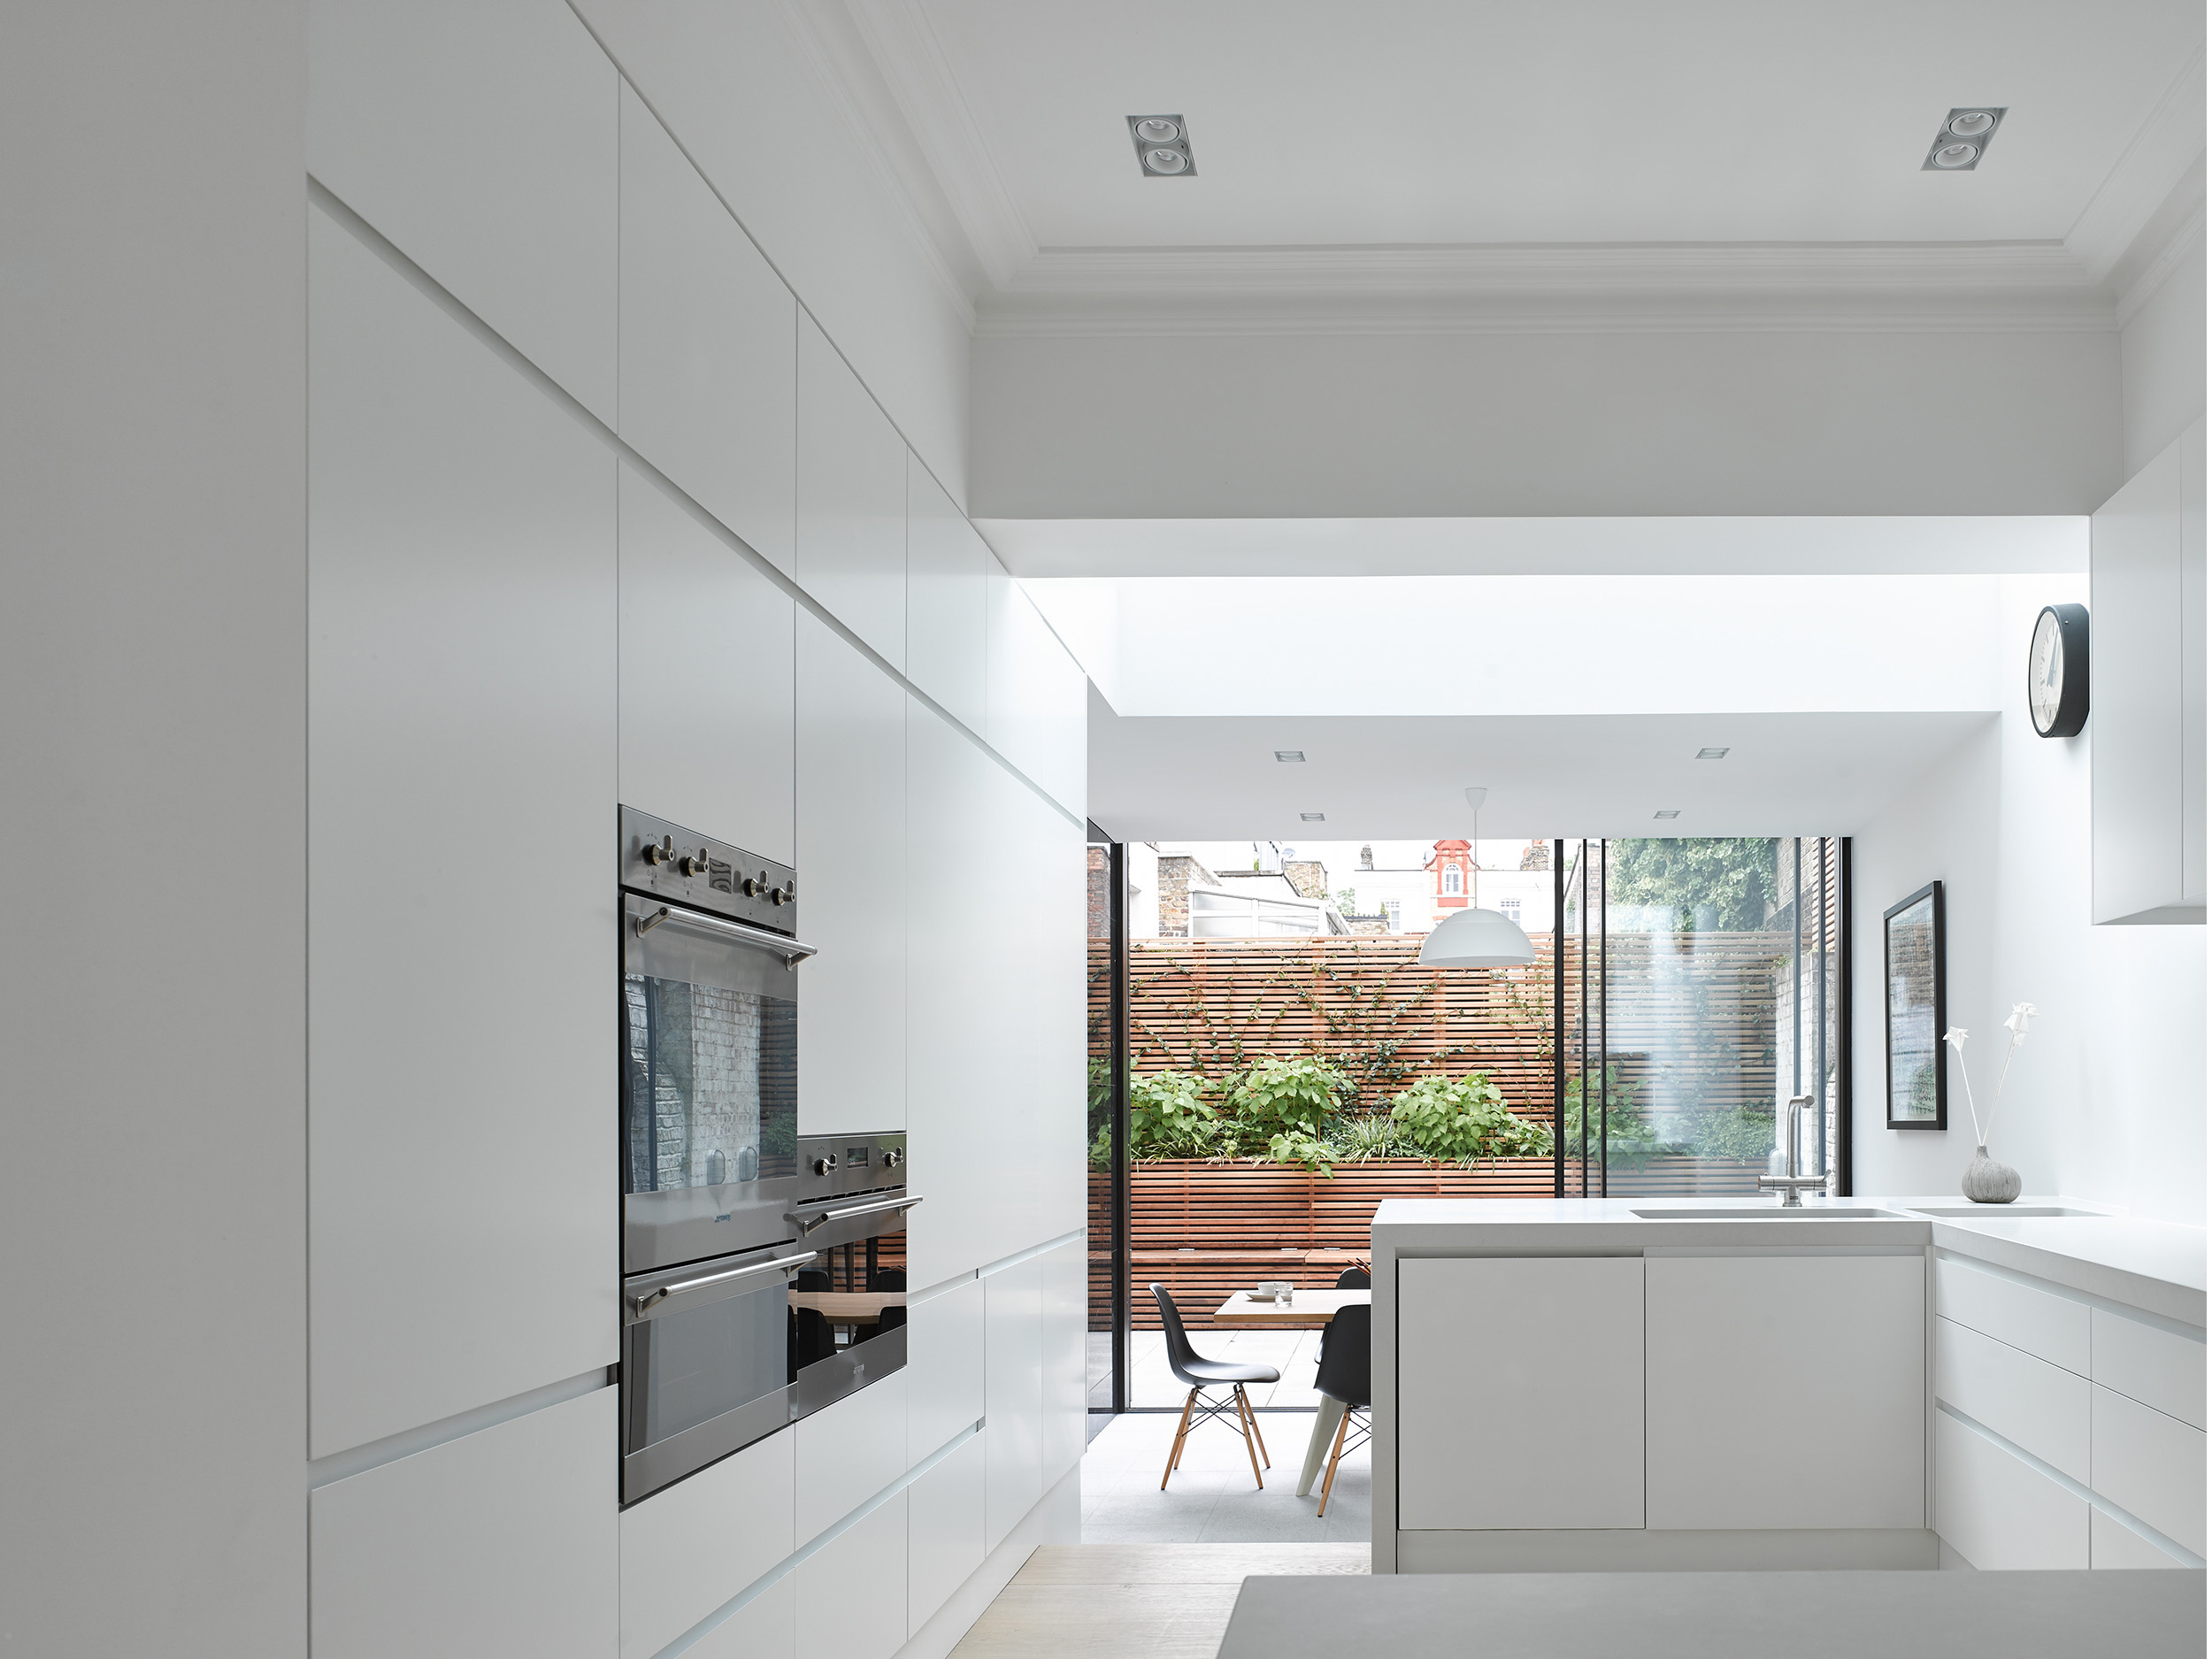 Max House / Paul Archer Design